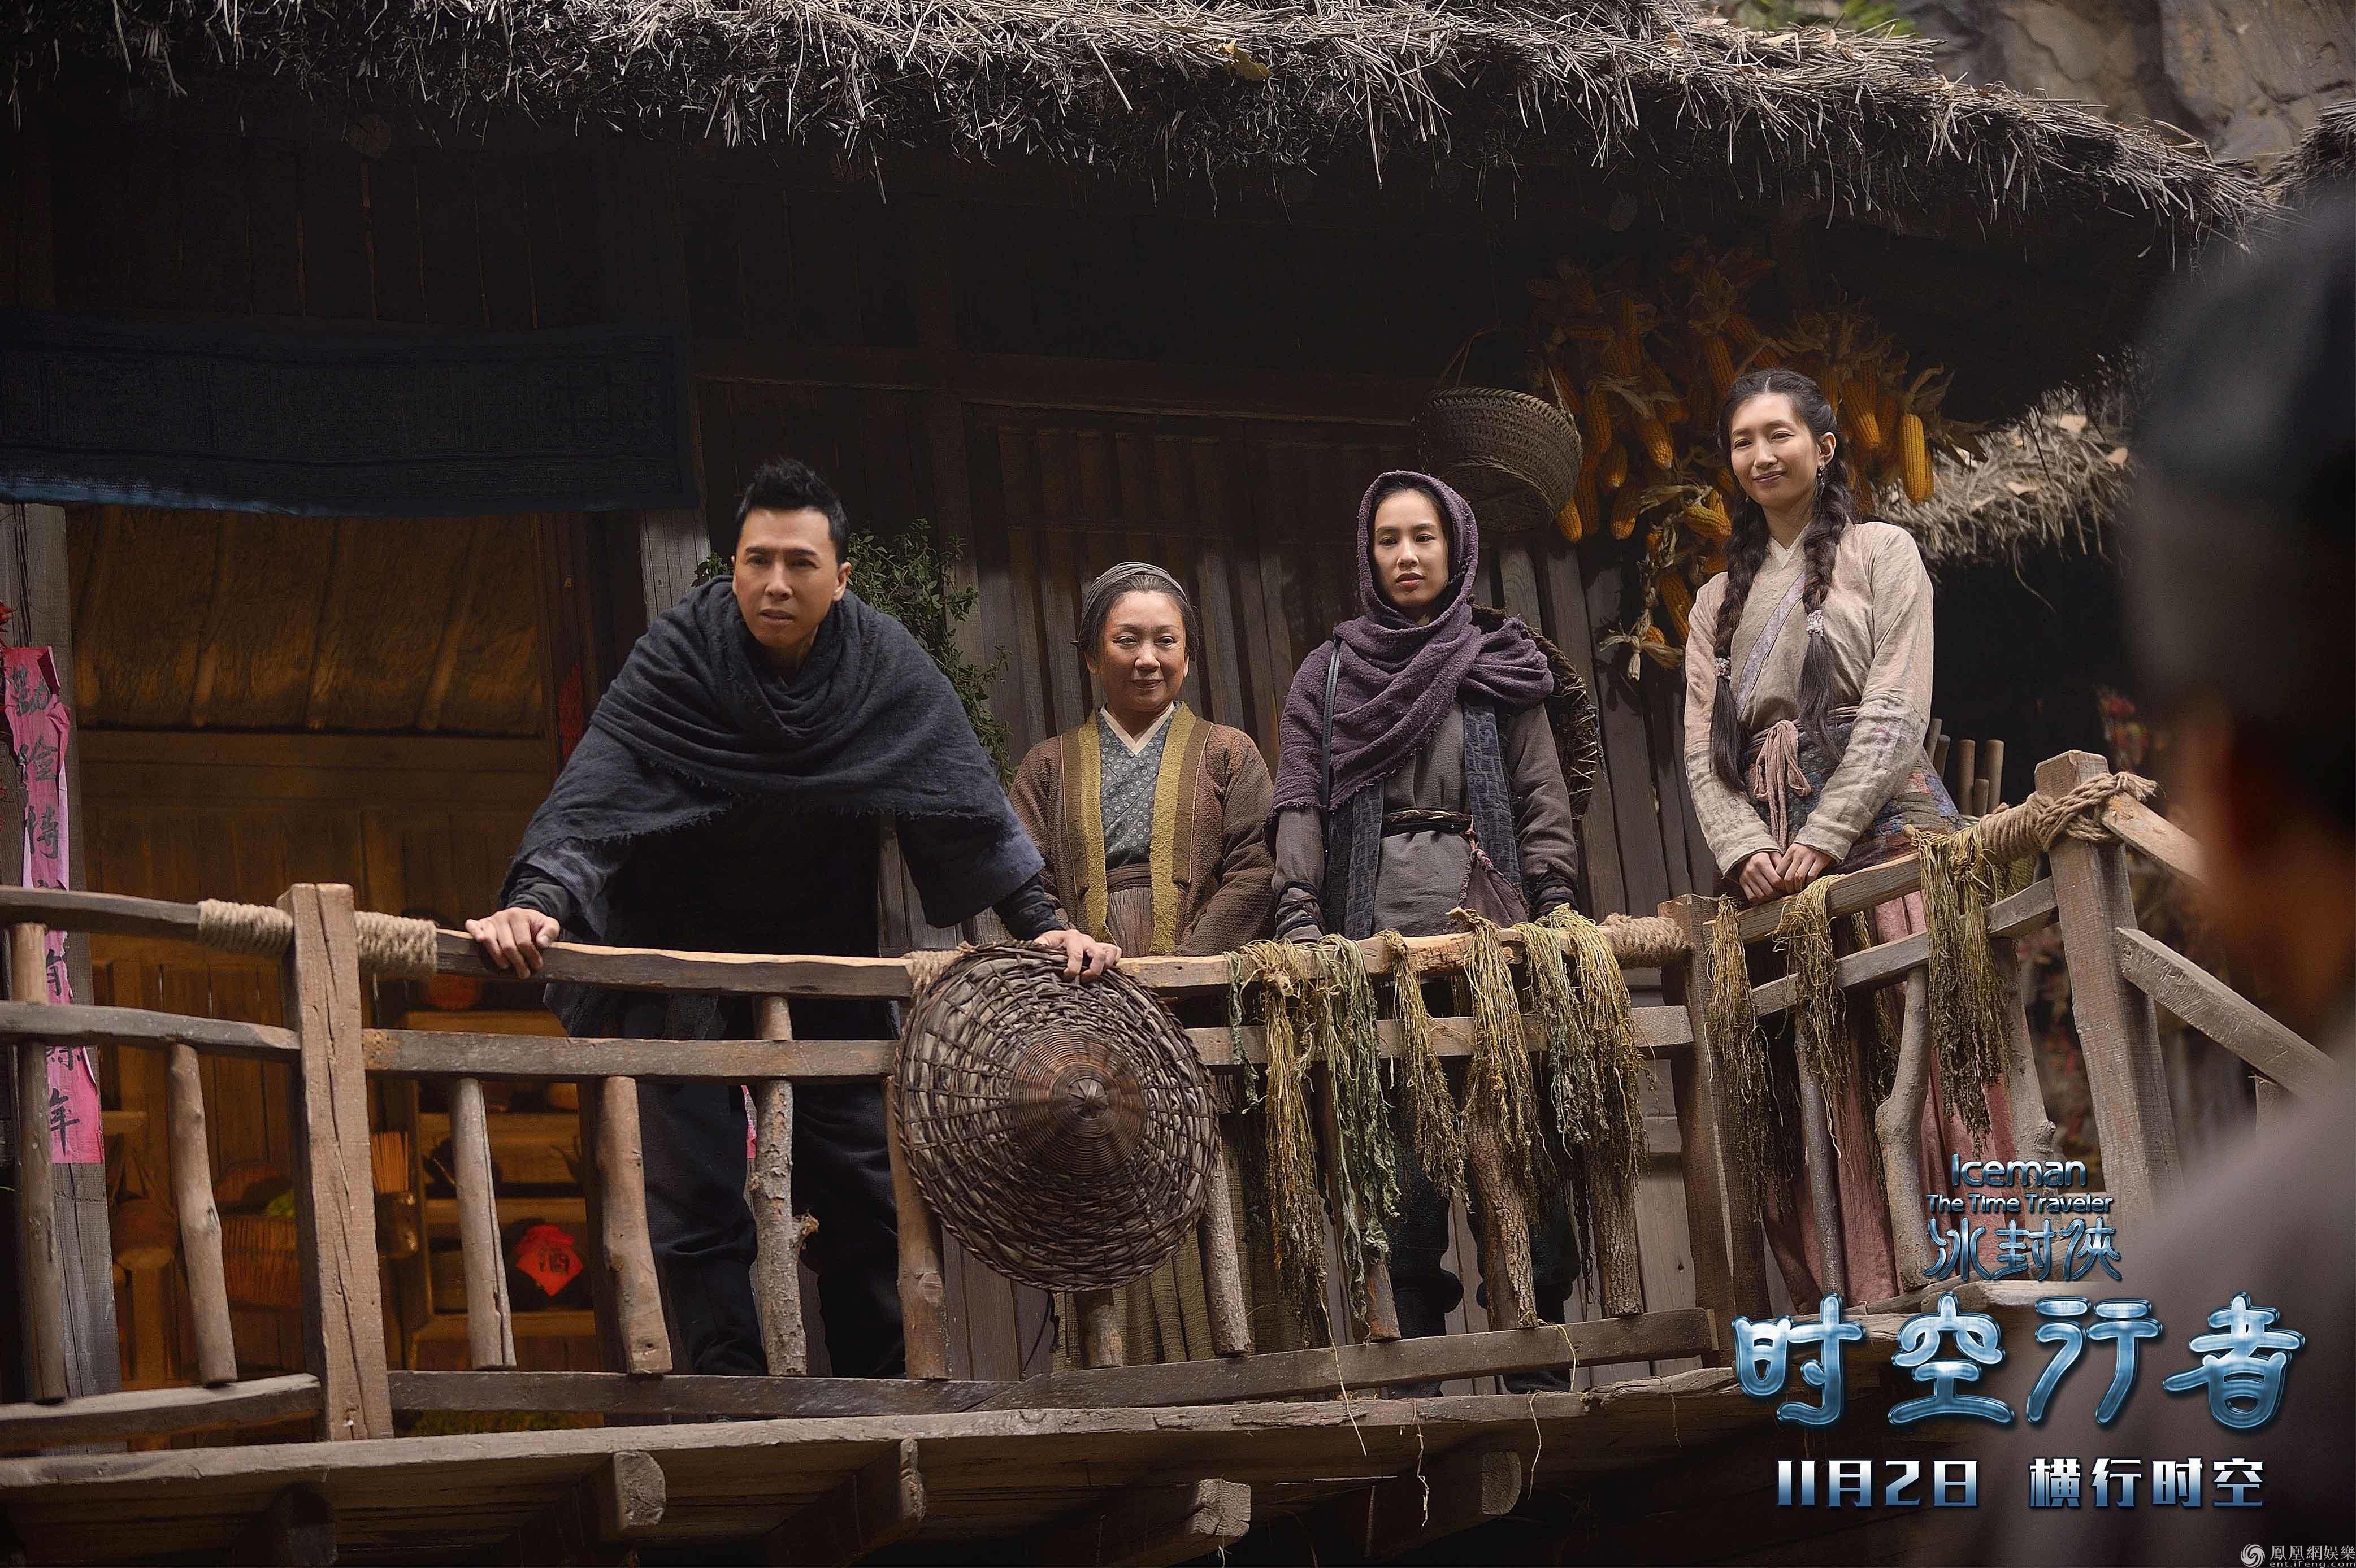 《时空行者》发布预告片 甄子丹王宝强打出历史一片天